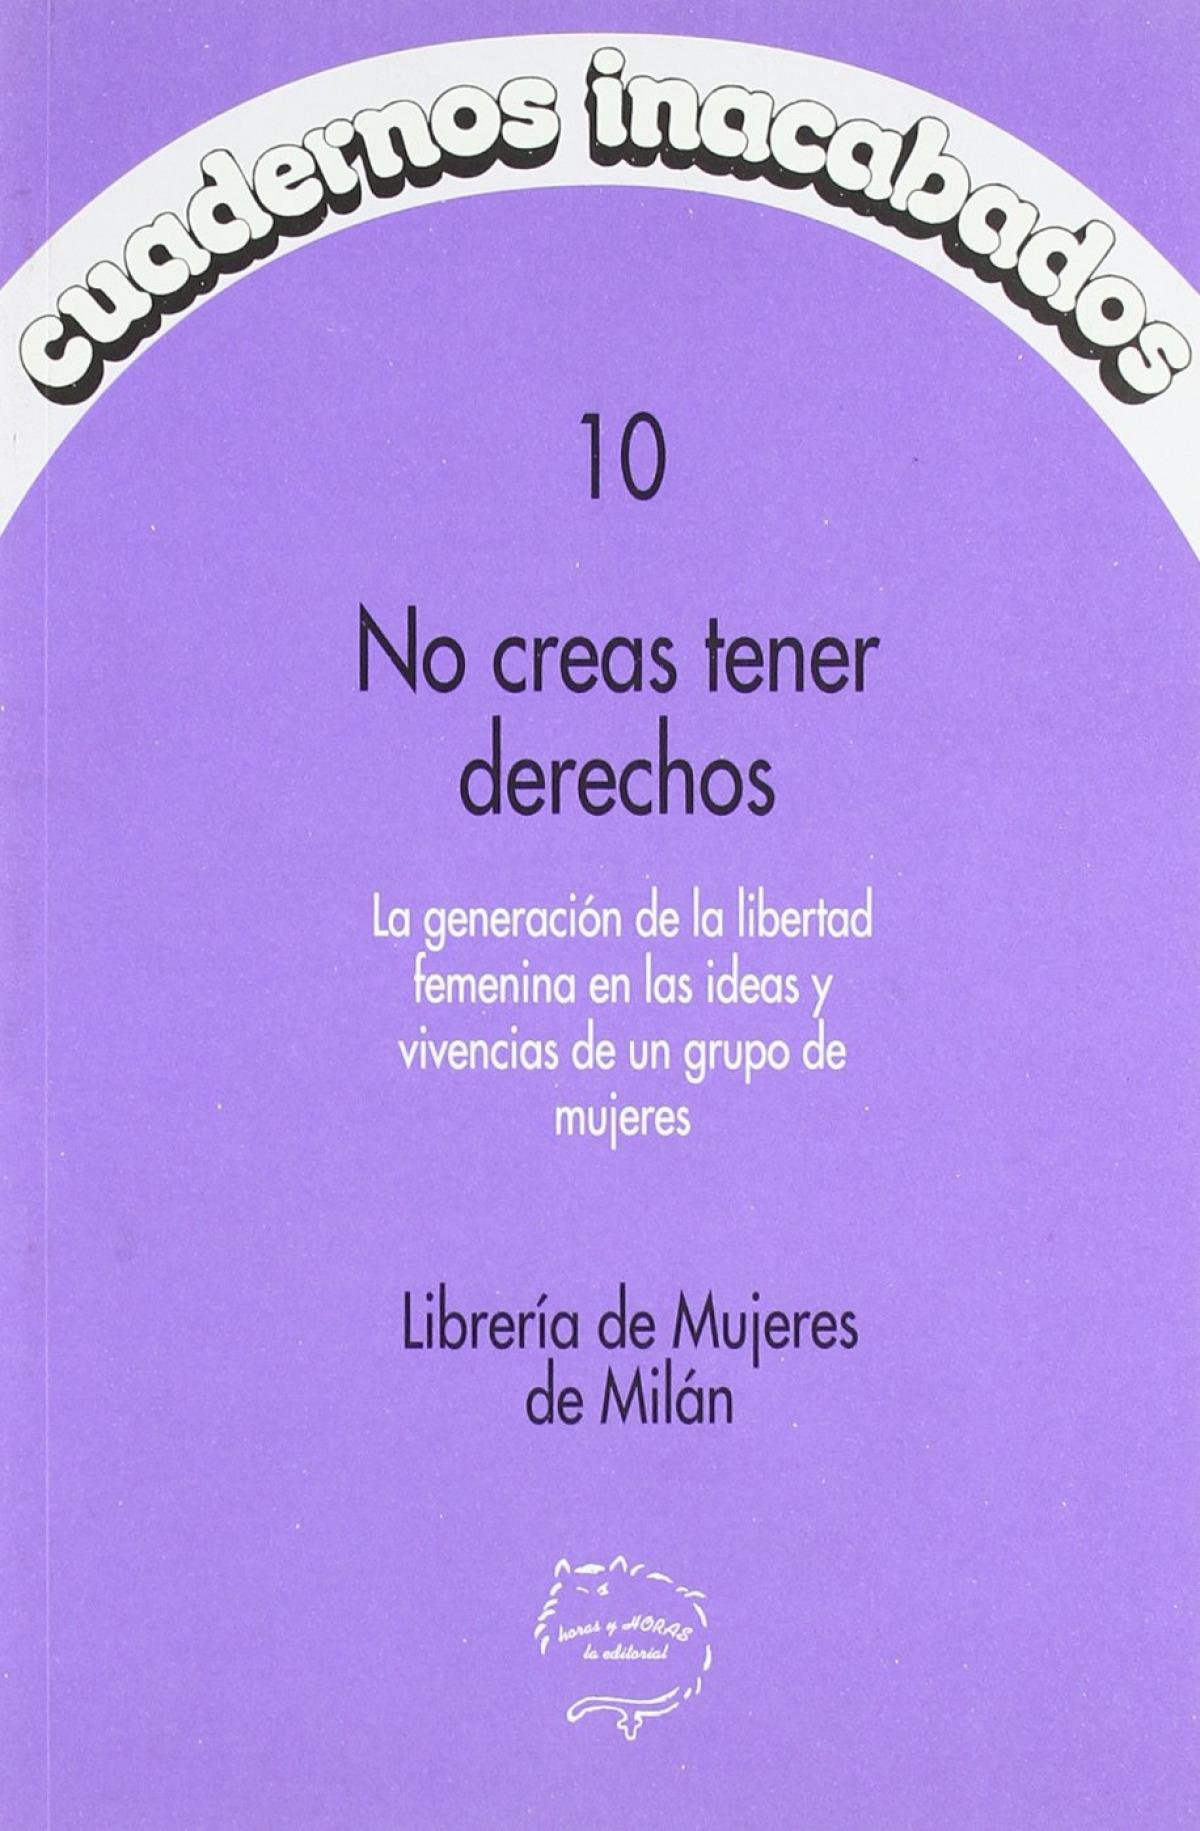 Cuadernos inacabados,10 no creas - Sin Autor